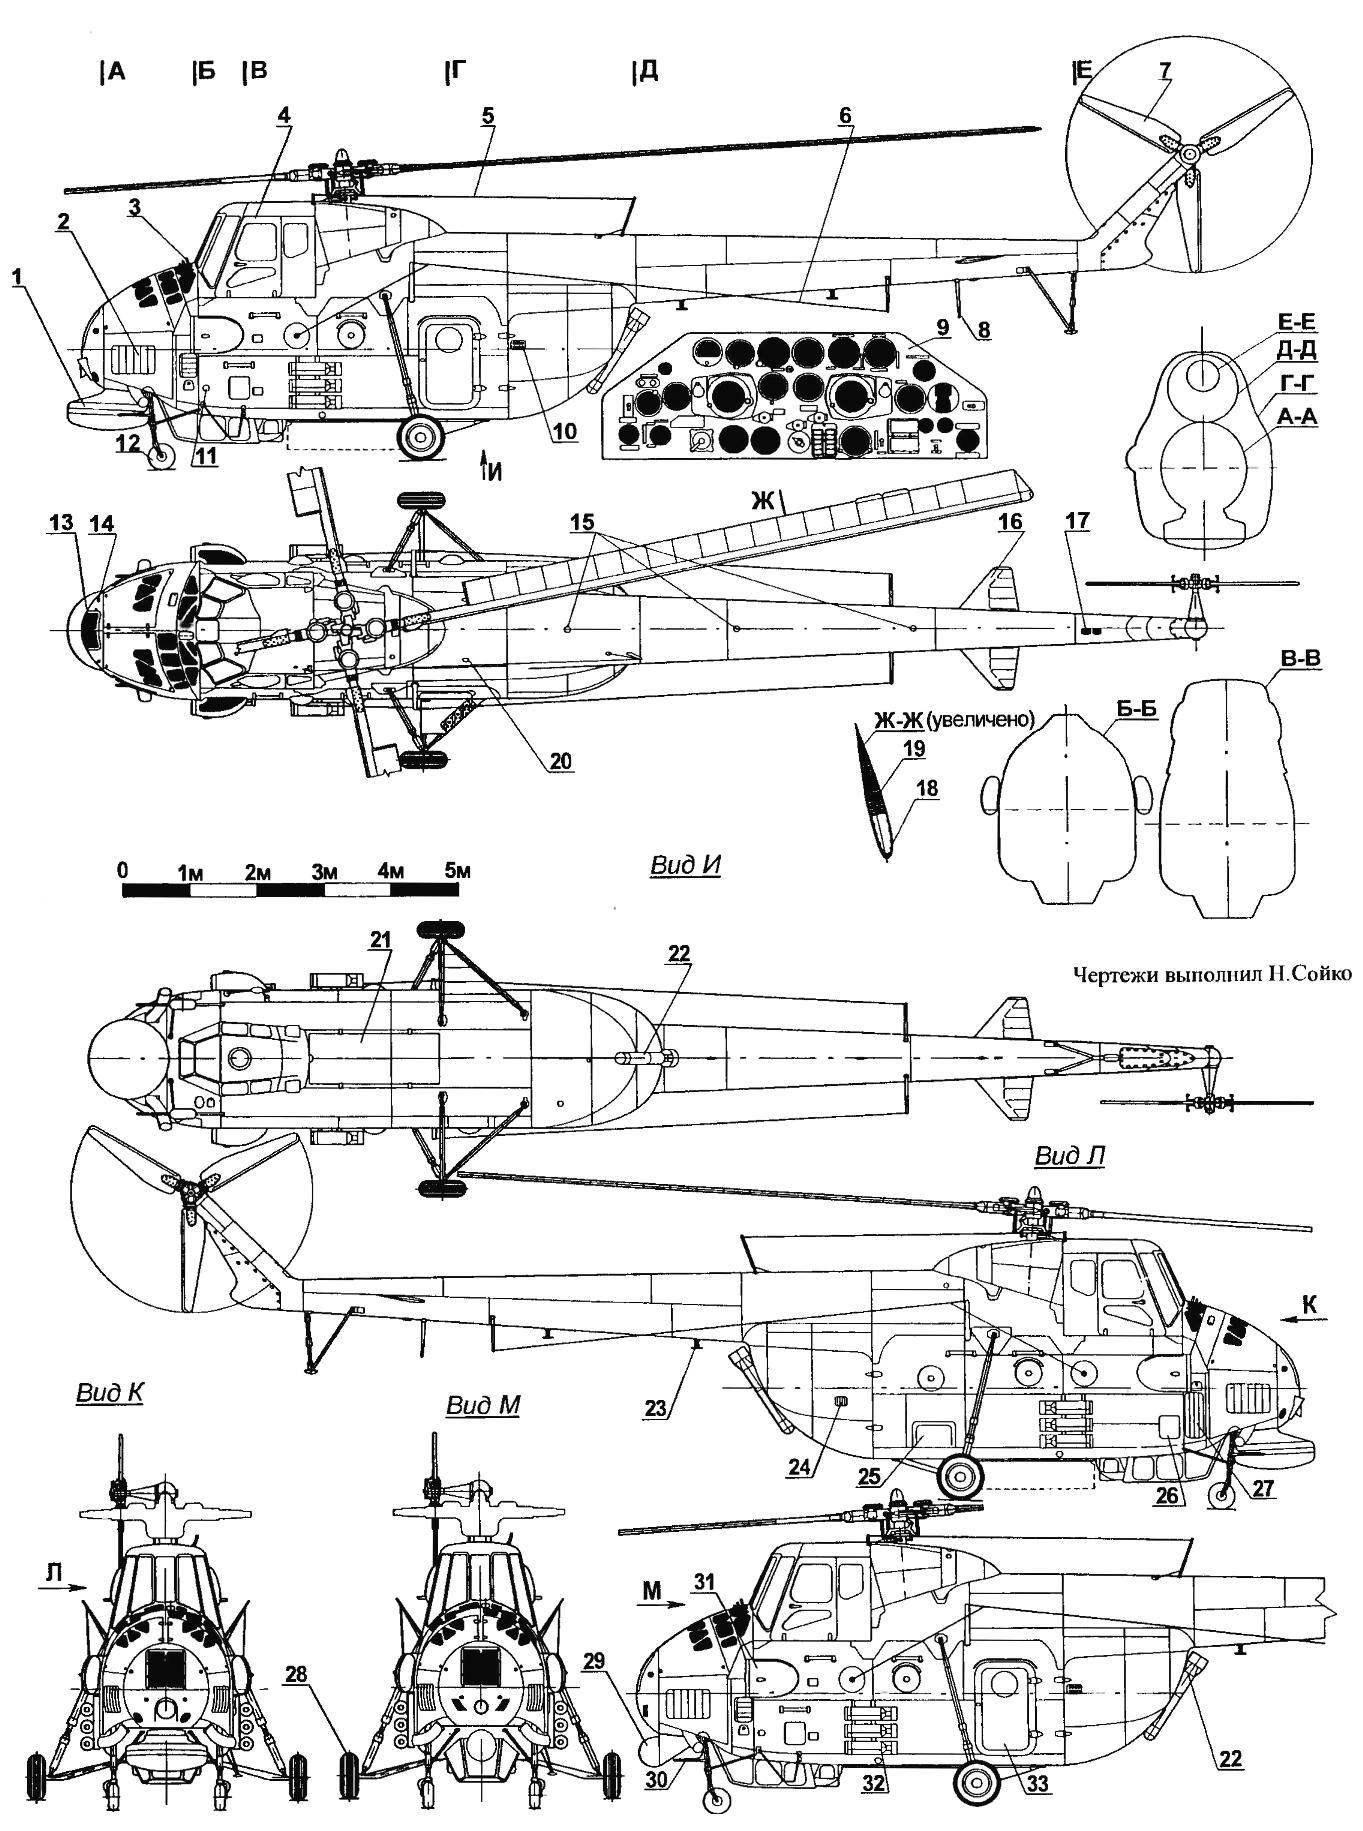 The Mi-4M